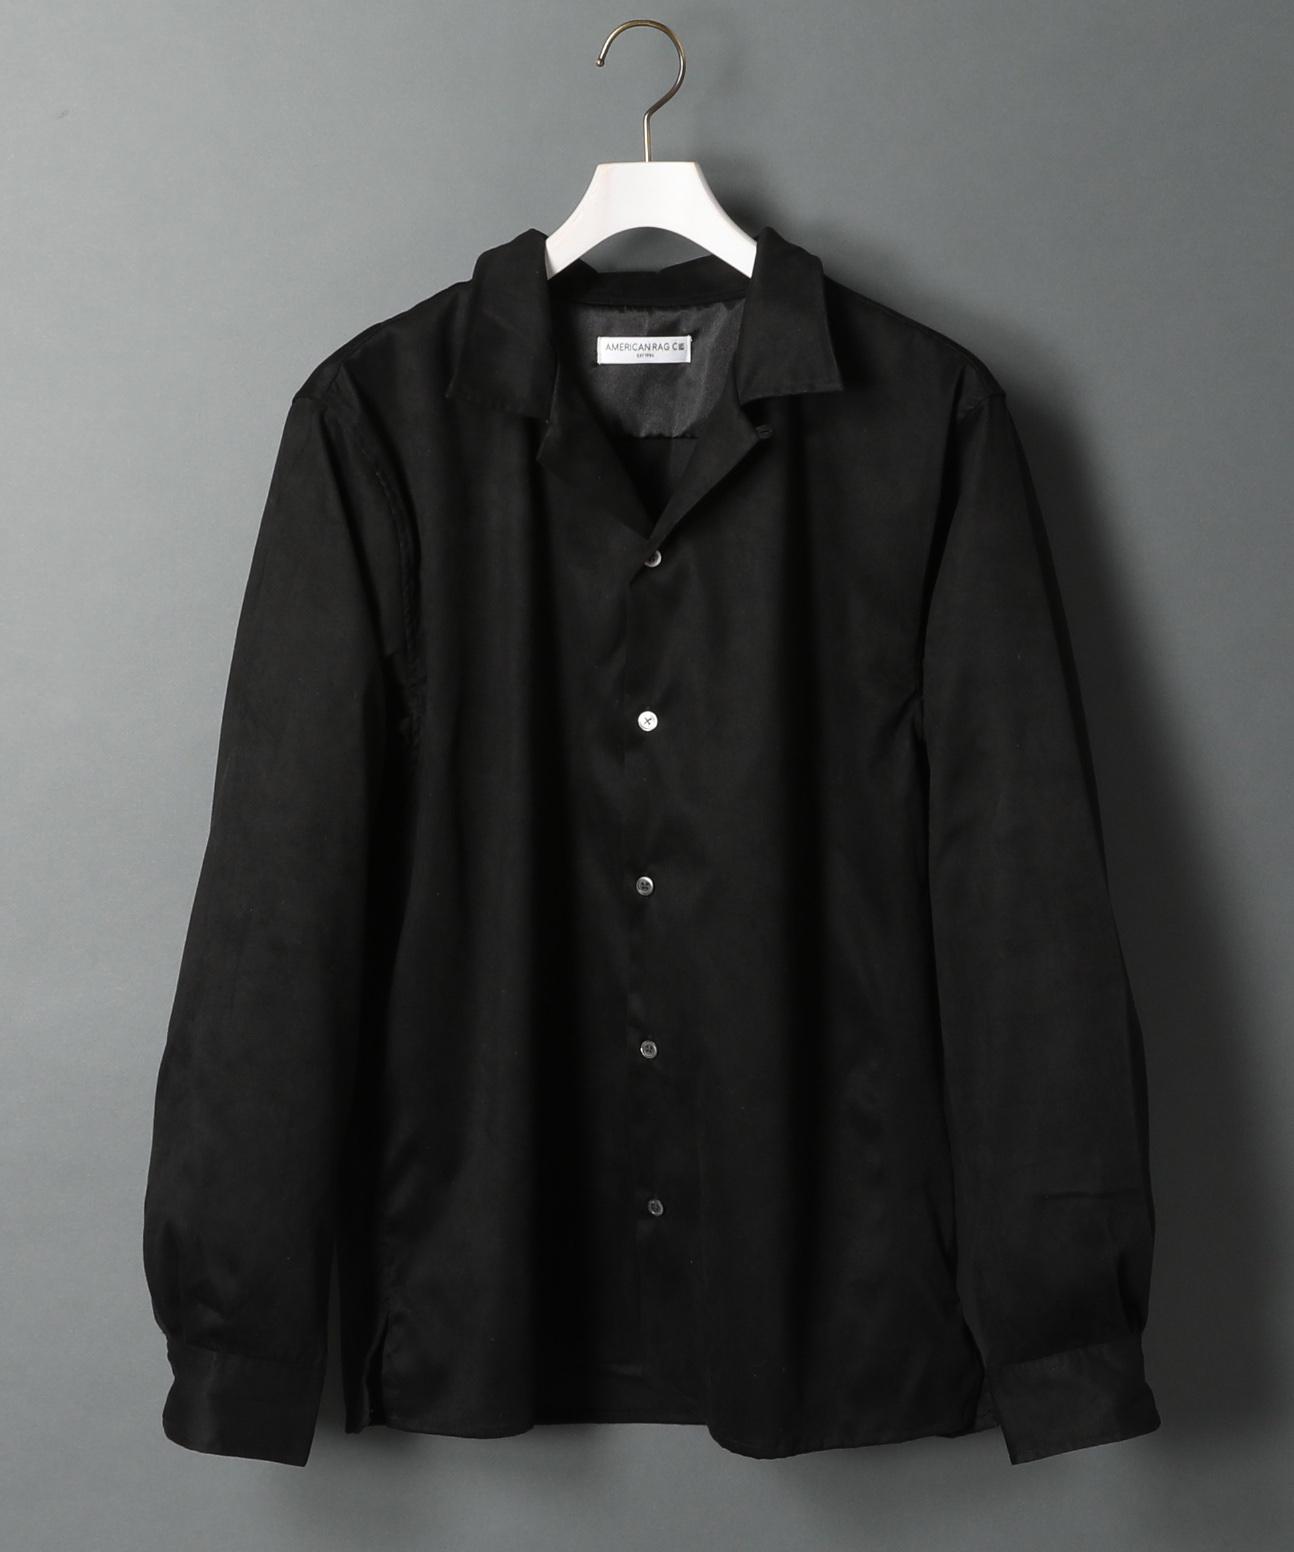 アメリカンラグシー AMERICAN RAG CIE / オープンカラースエードシャツ Open Collar Suede Shirt